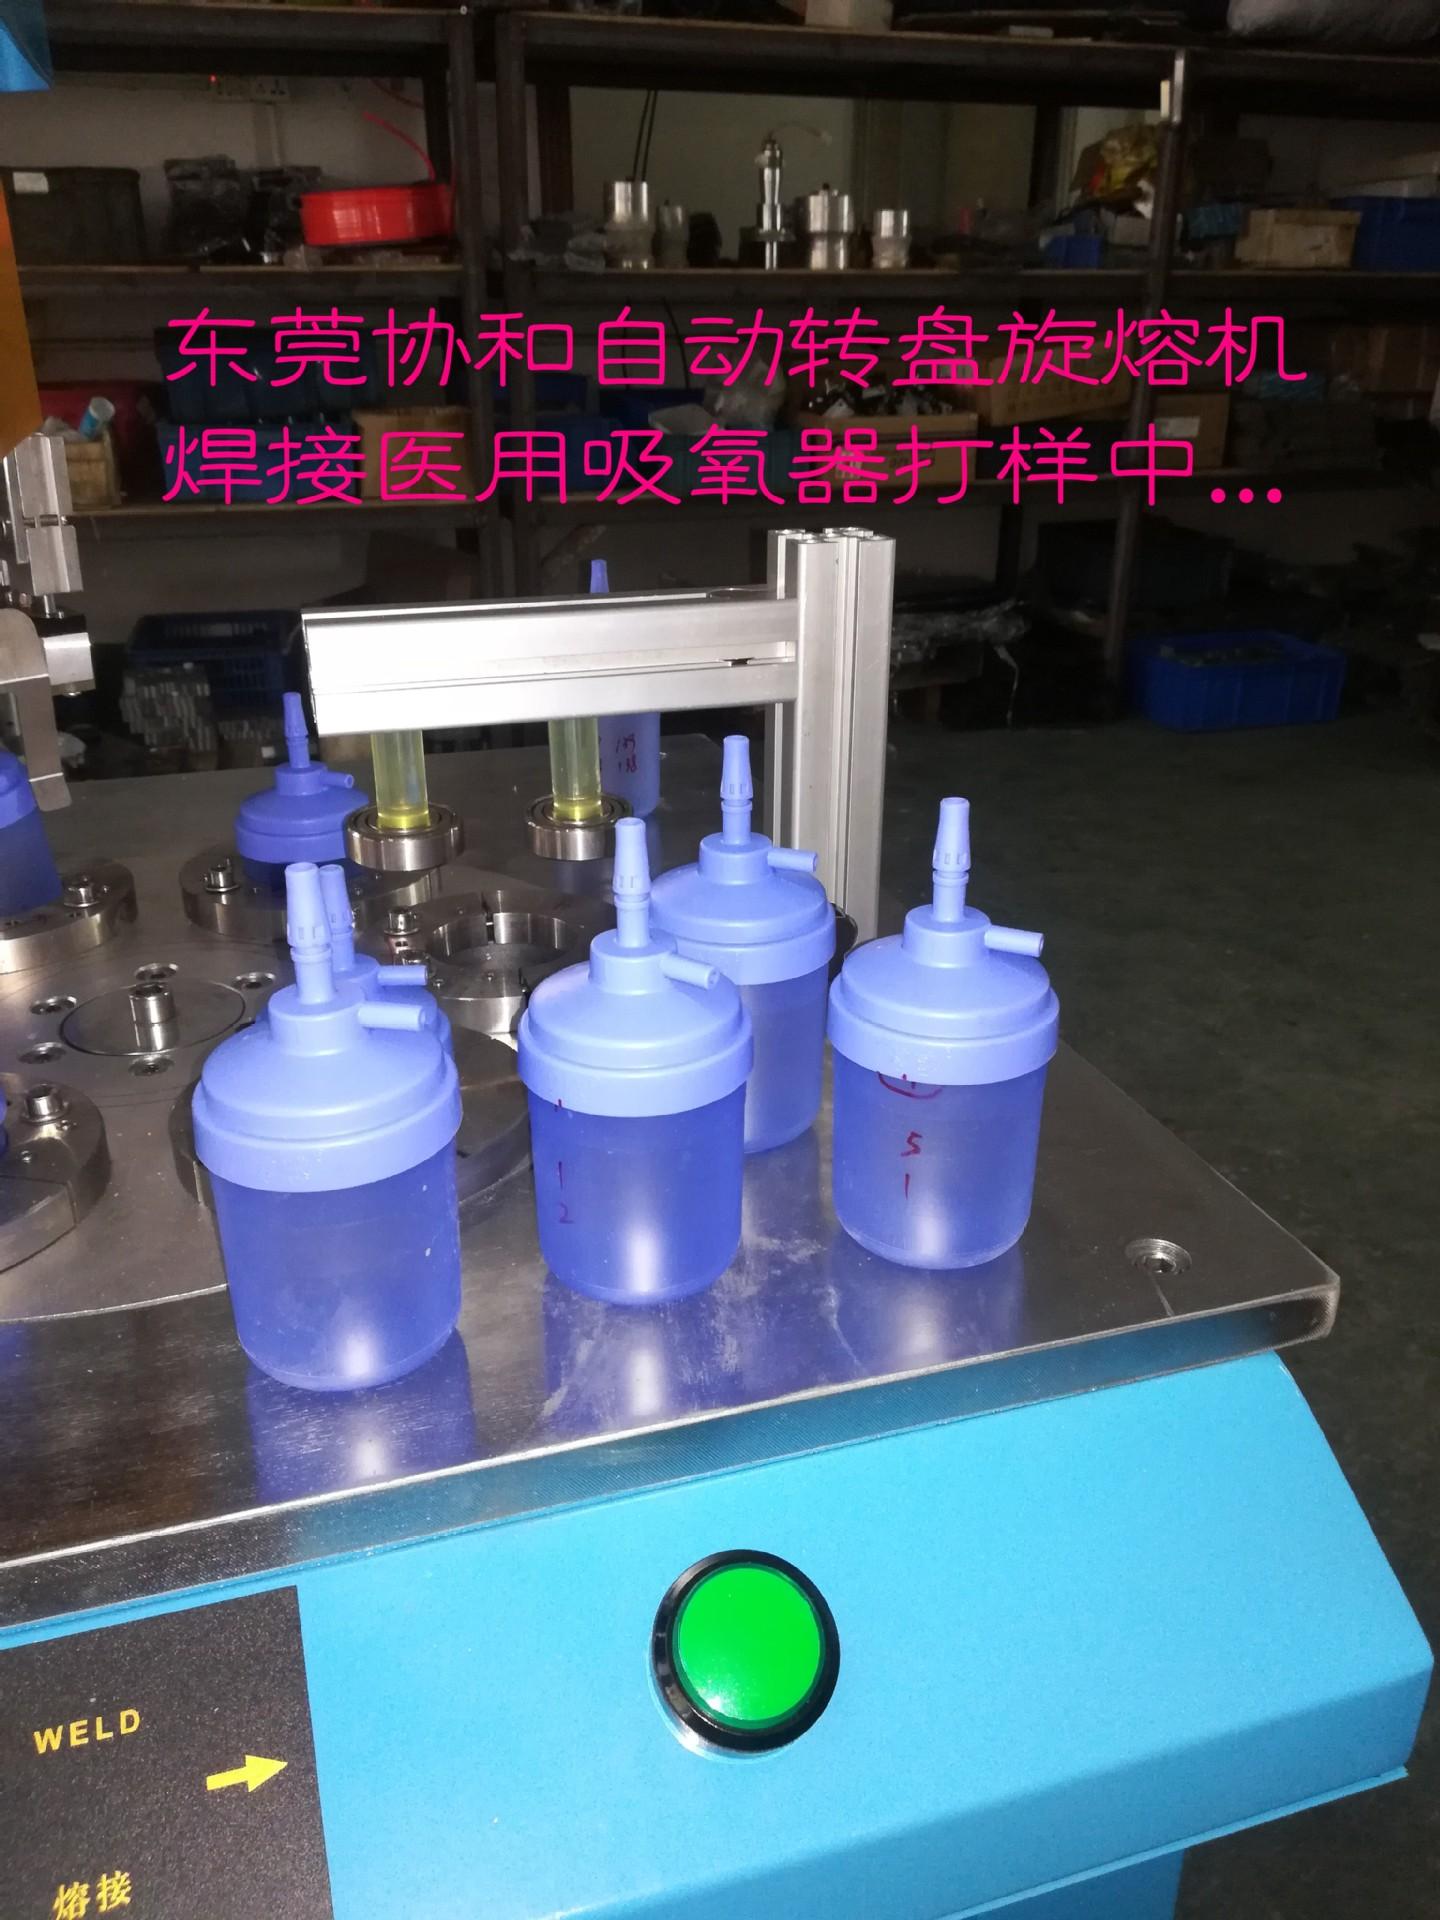 定位旋熔机协和生产厂家地址在哪里 高端定位PLC触摸屏式旋熔机示例图9